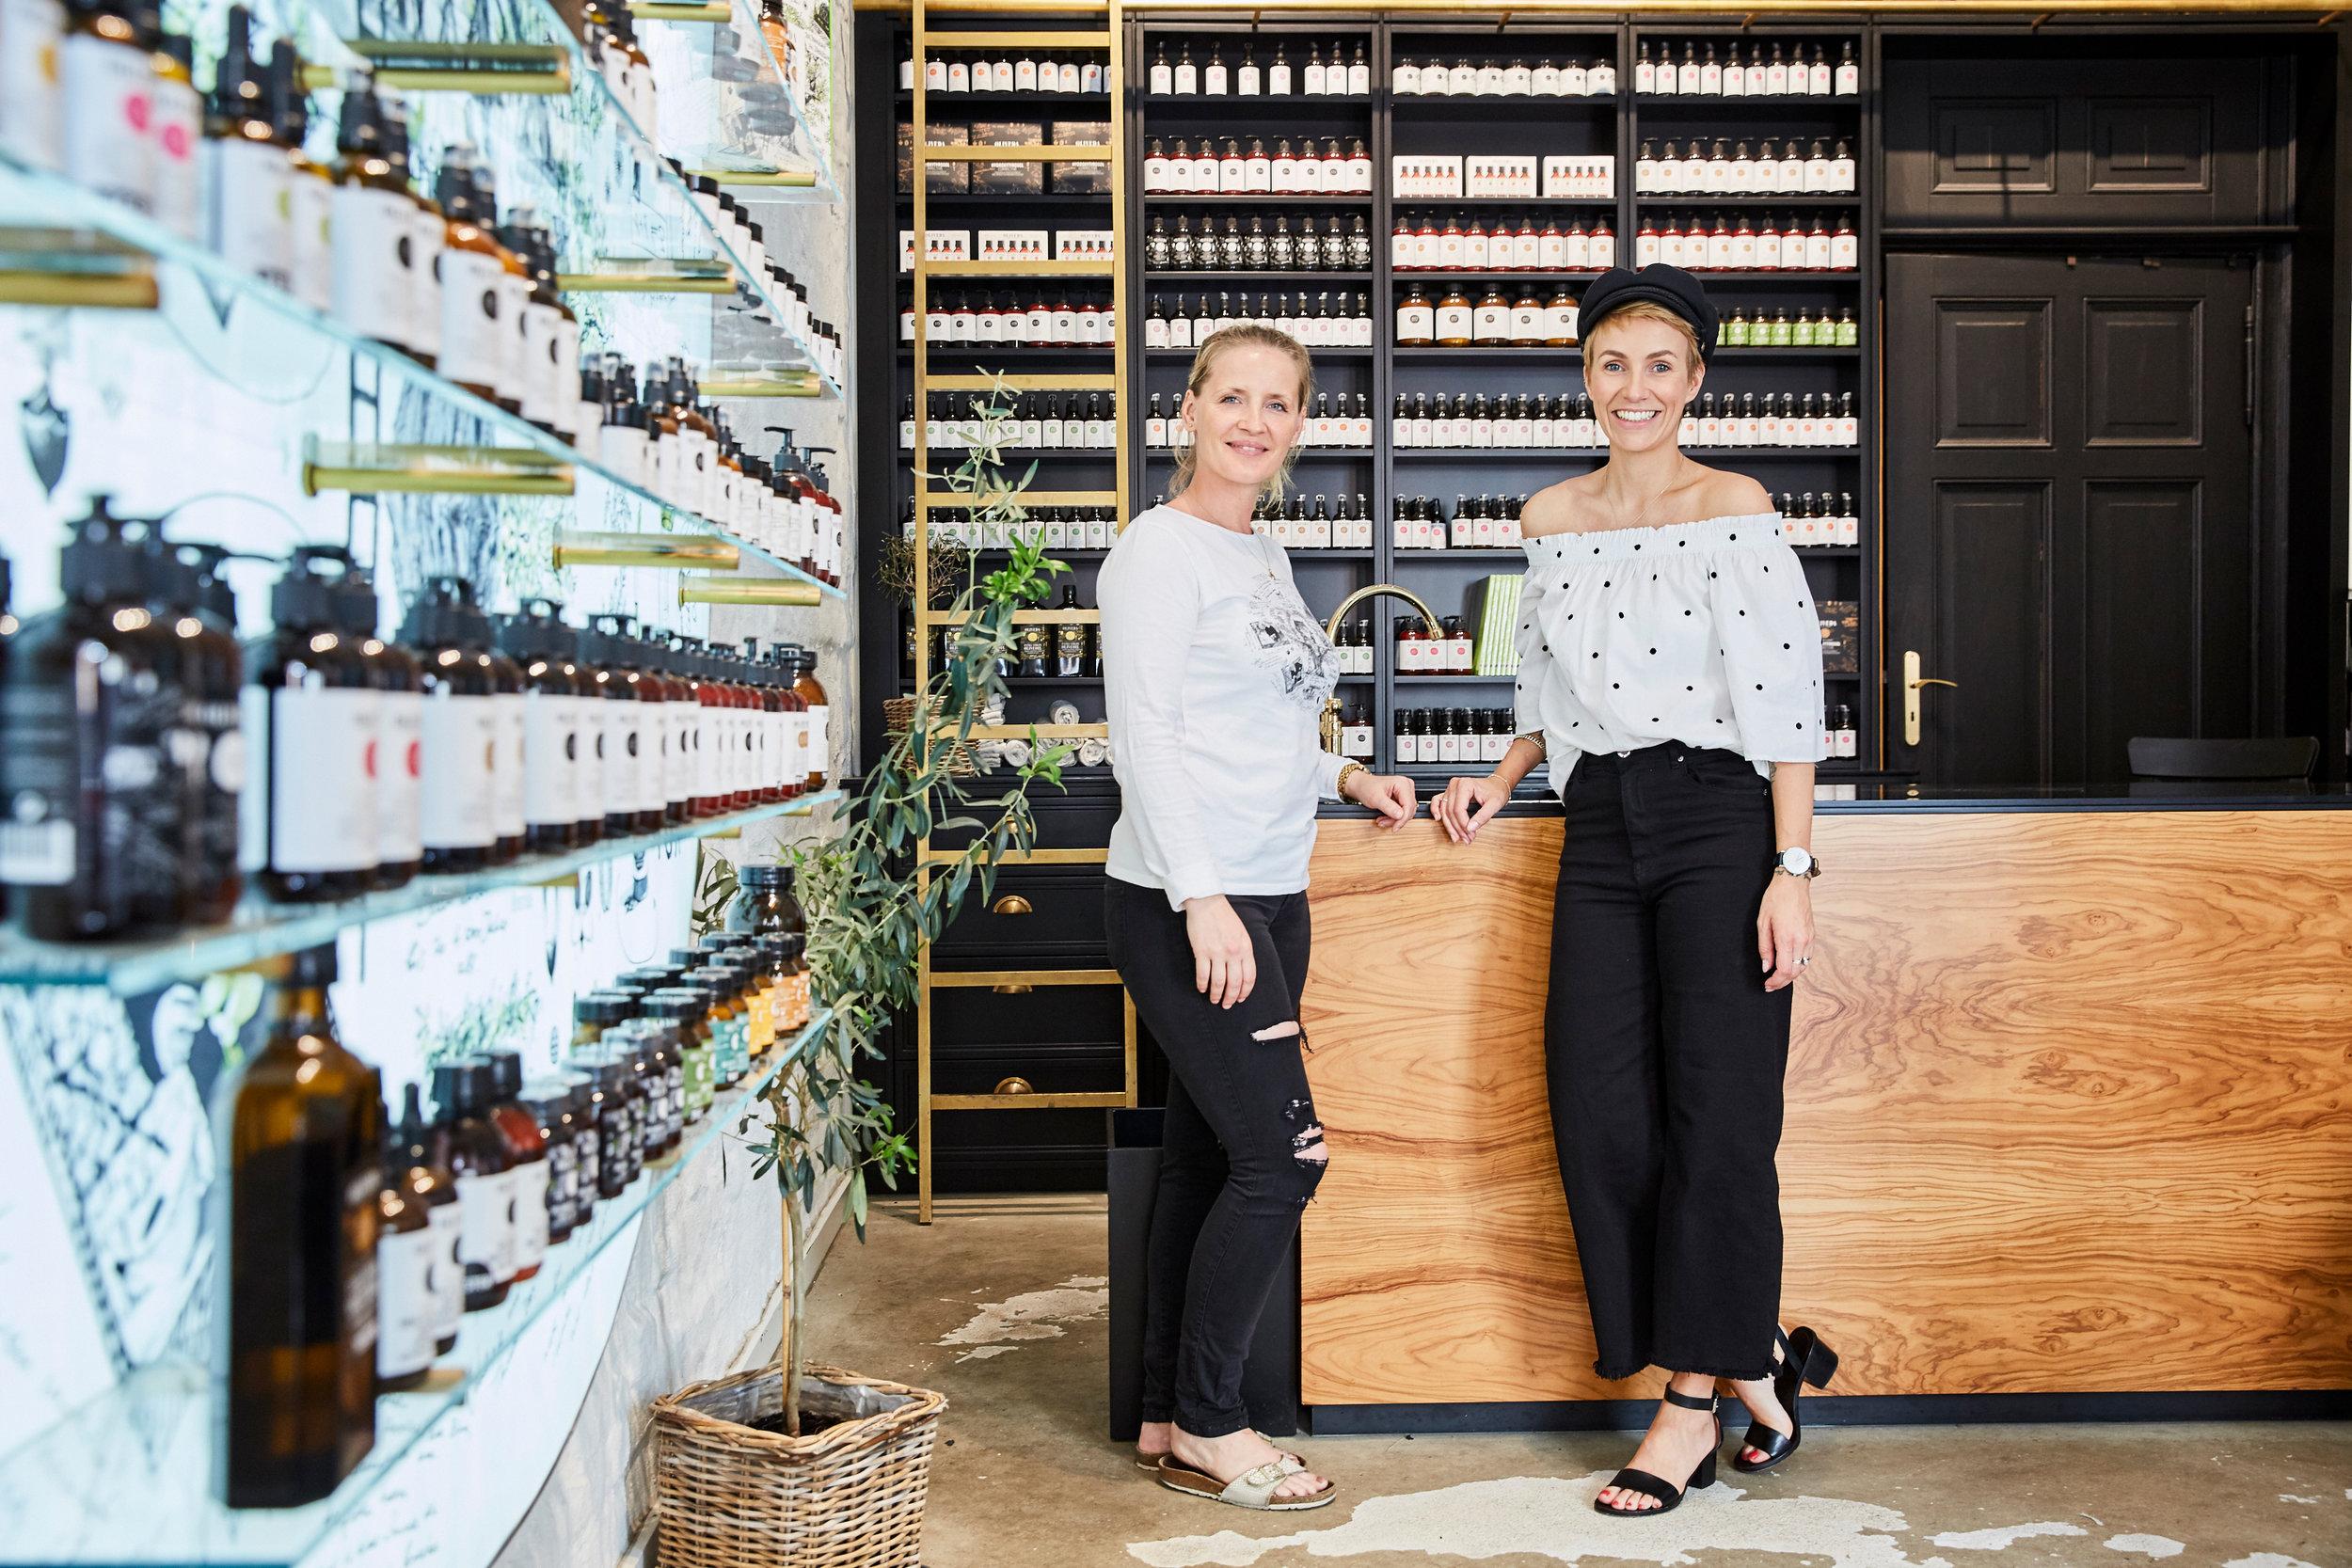 Bei OLIVEDA erhält jeder eine ausführliche Beratung zu den Produkten. Der wunderschöne Store lädt einfach zum Verweilen ein.